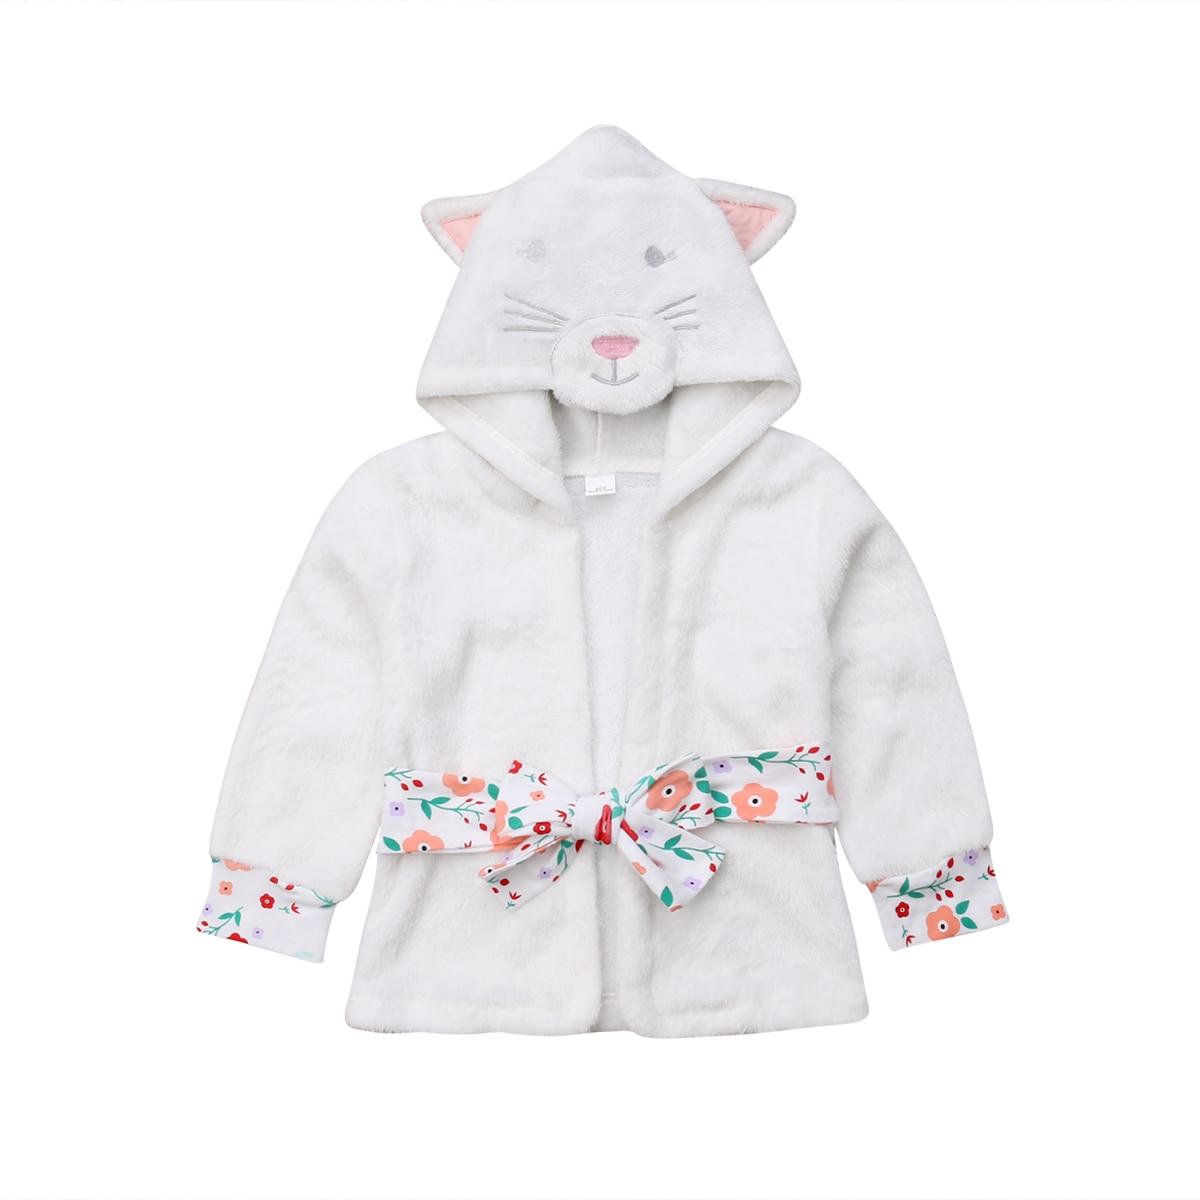 Baby Kinder Jungen Mädchen Warme Mit Kapuze Bad Robe Super Nette Cartoon Nachtwäsche Nachtwäsche Pjs Kleidung 1-5 T